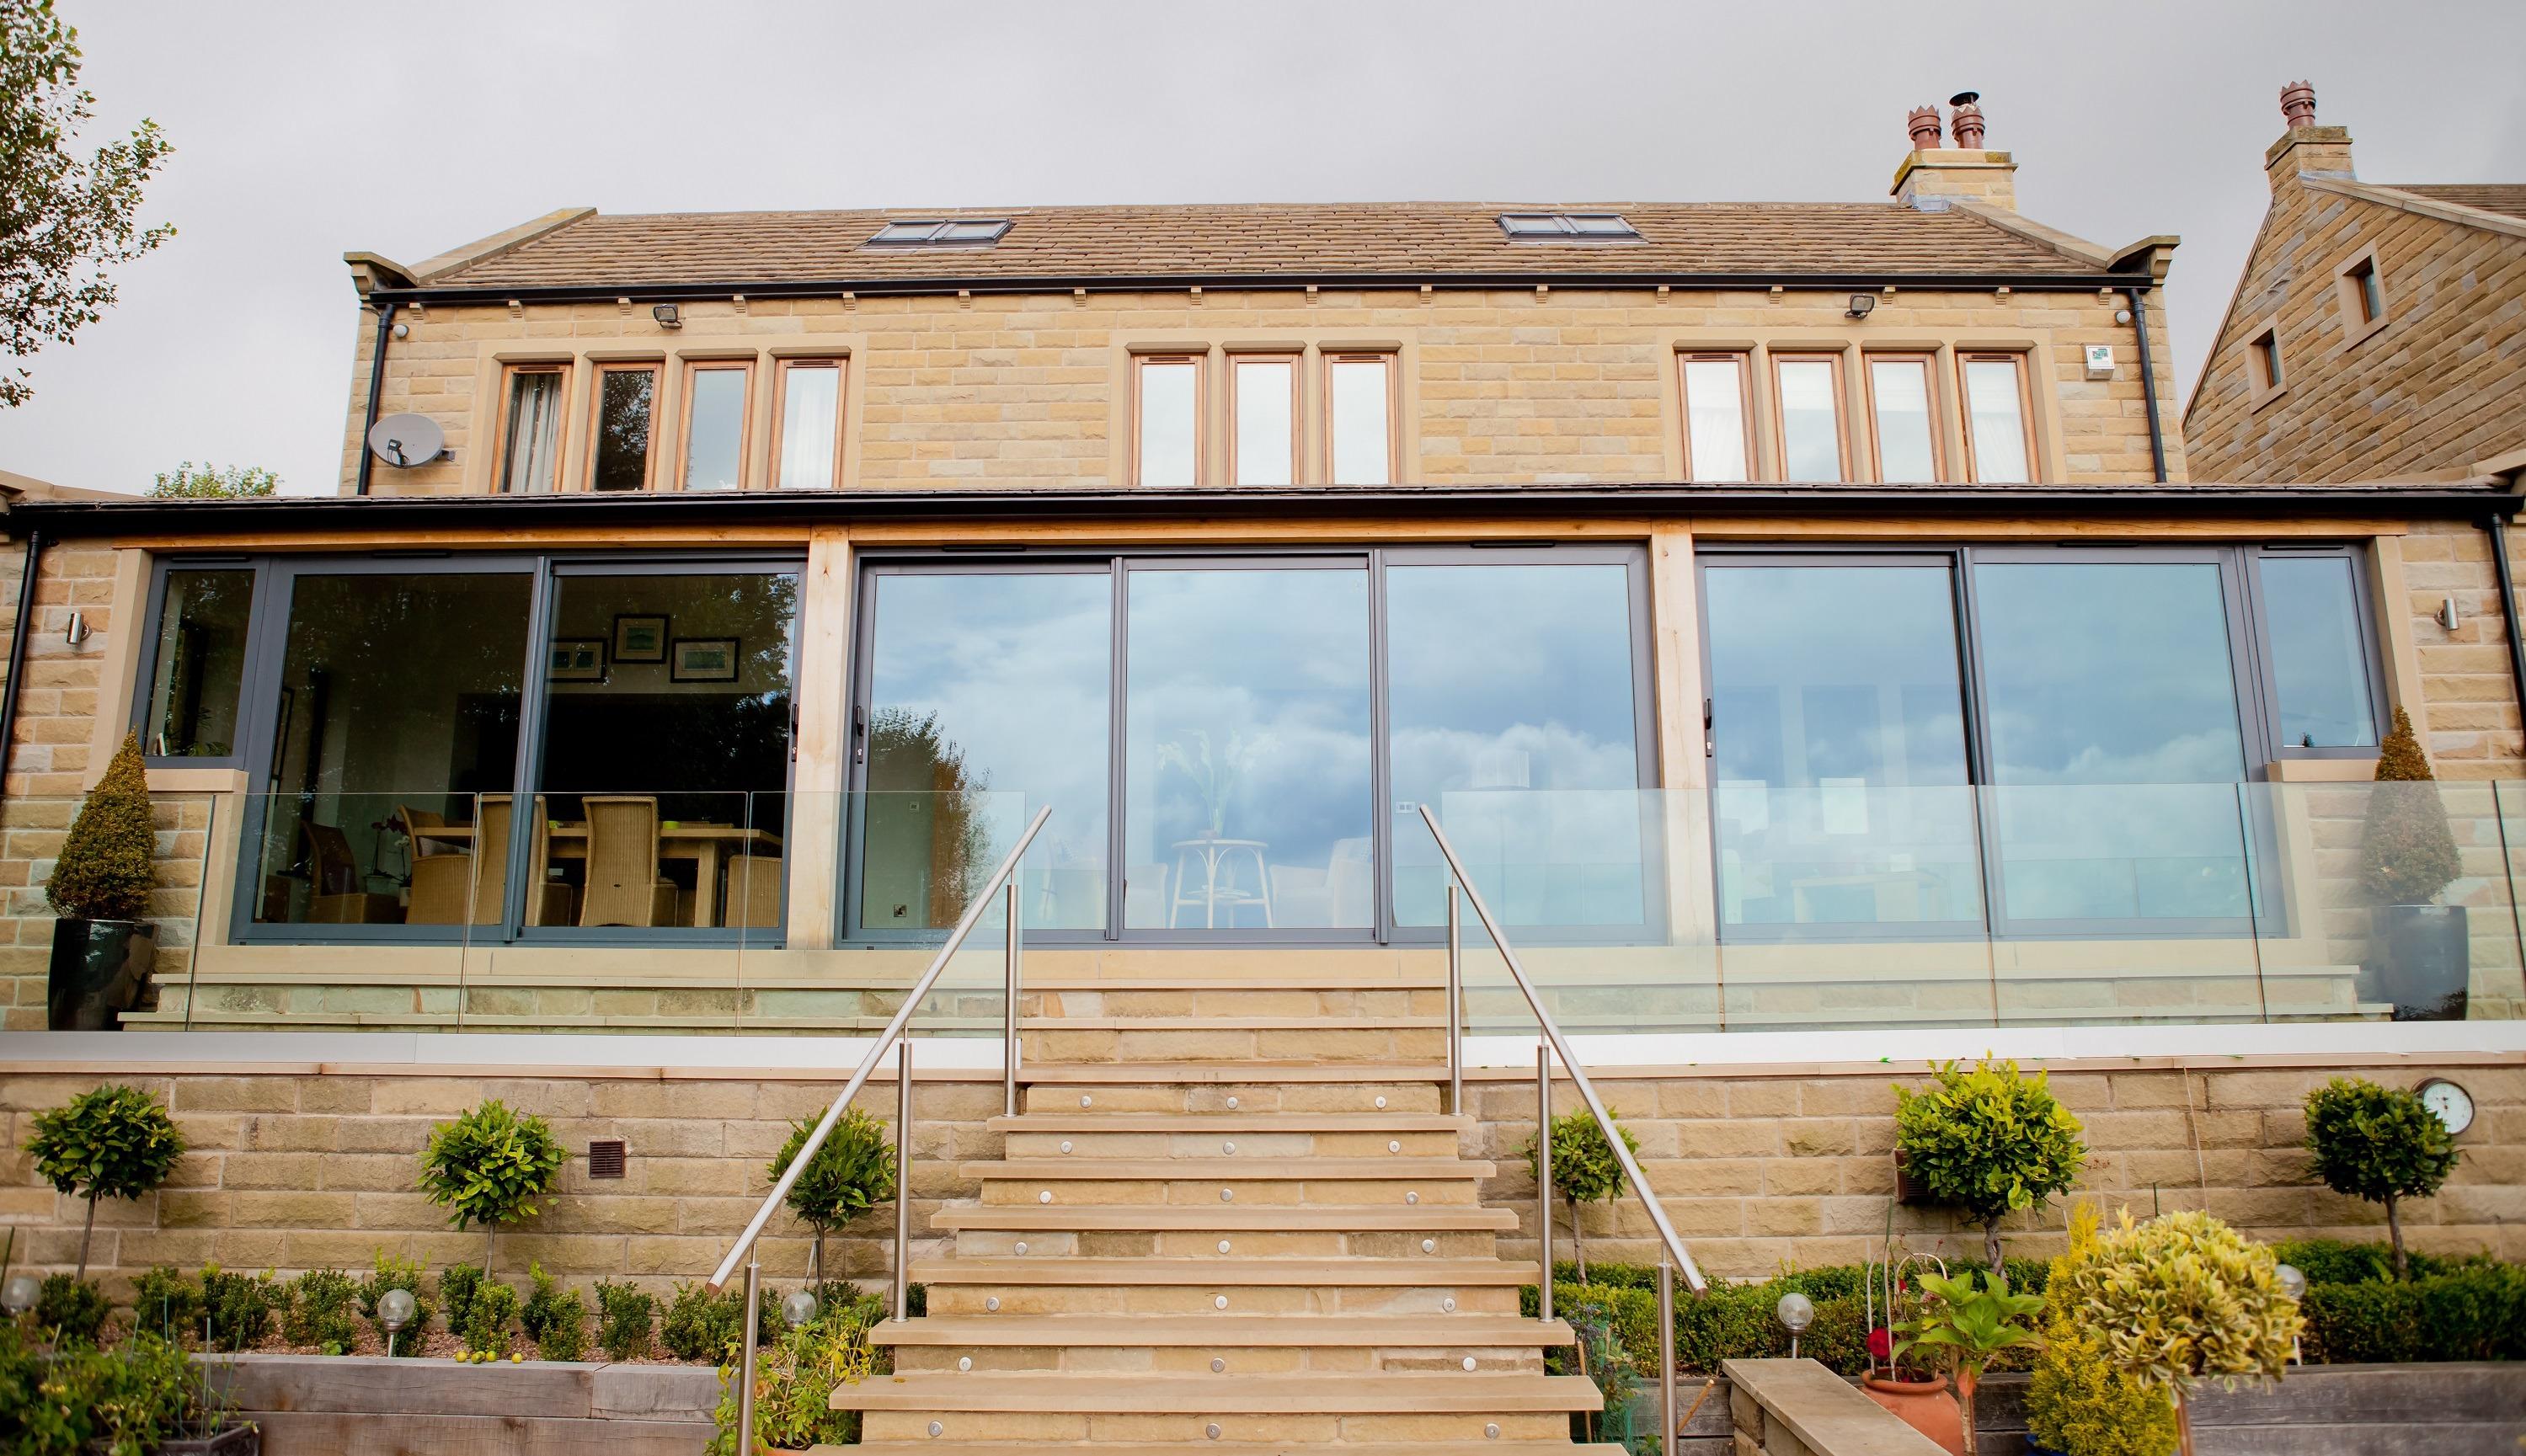 Gallery of Recent Projects & Patio Doors | Clear View | Patio Door | Aluminium Doors | Sliding Doors